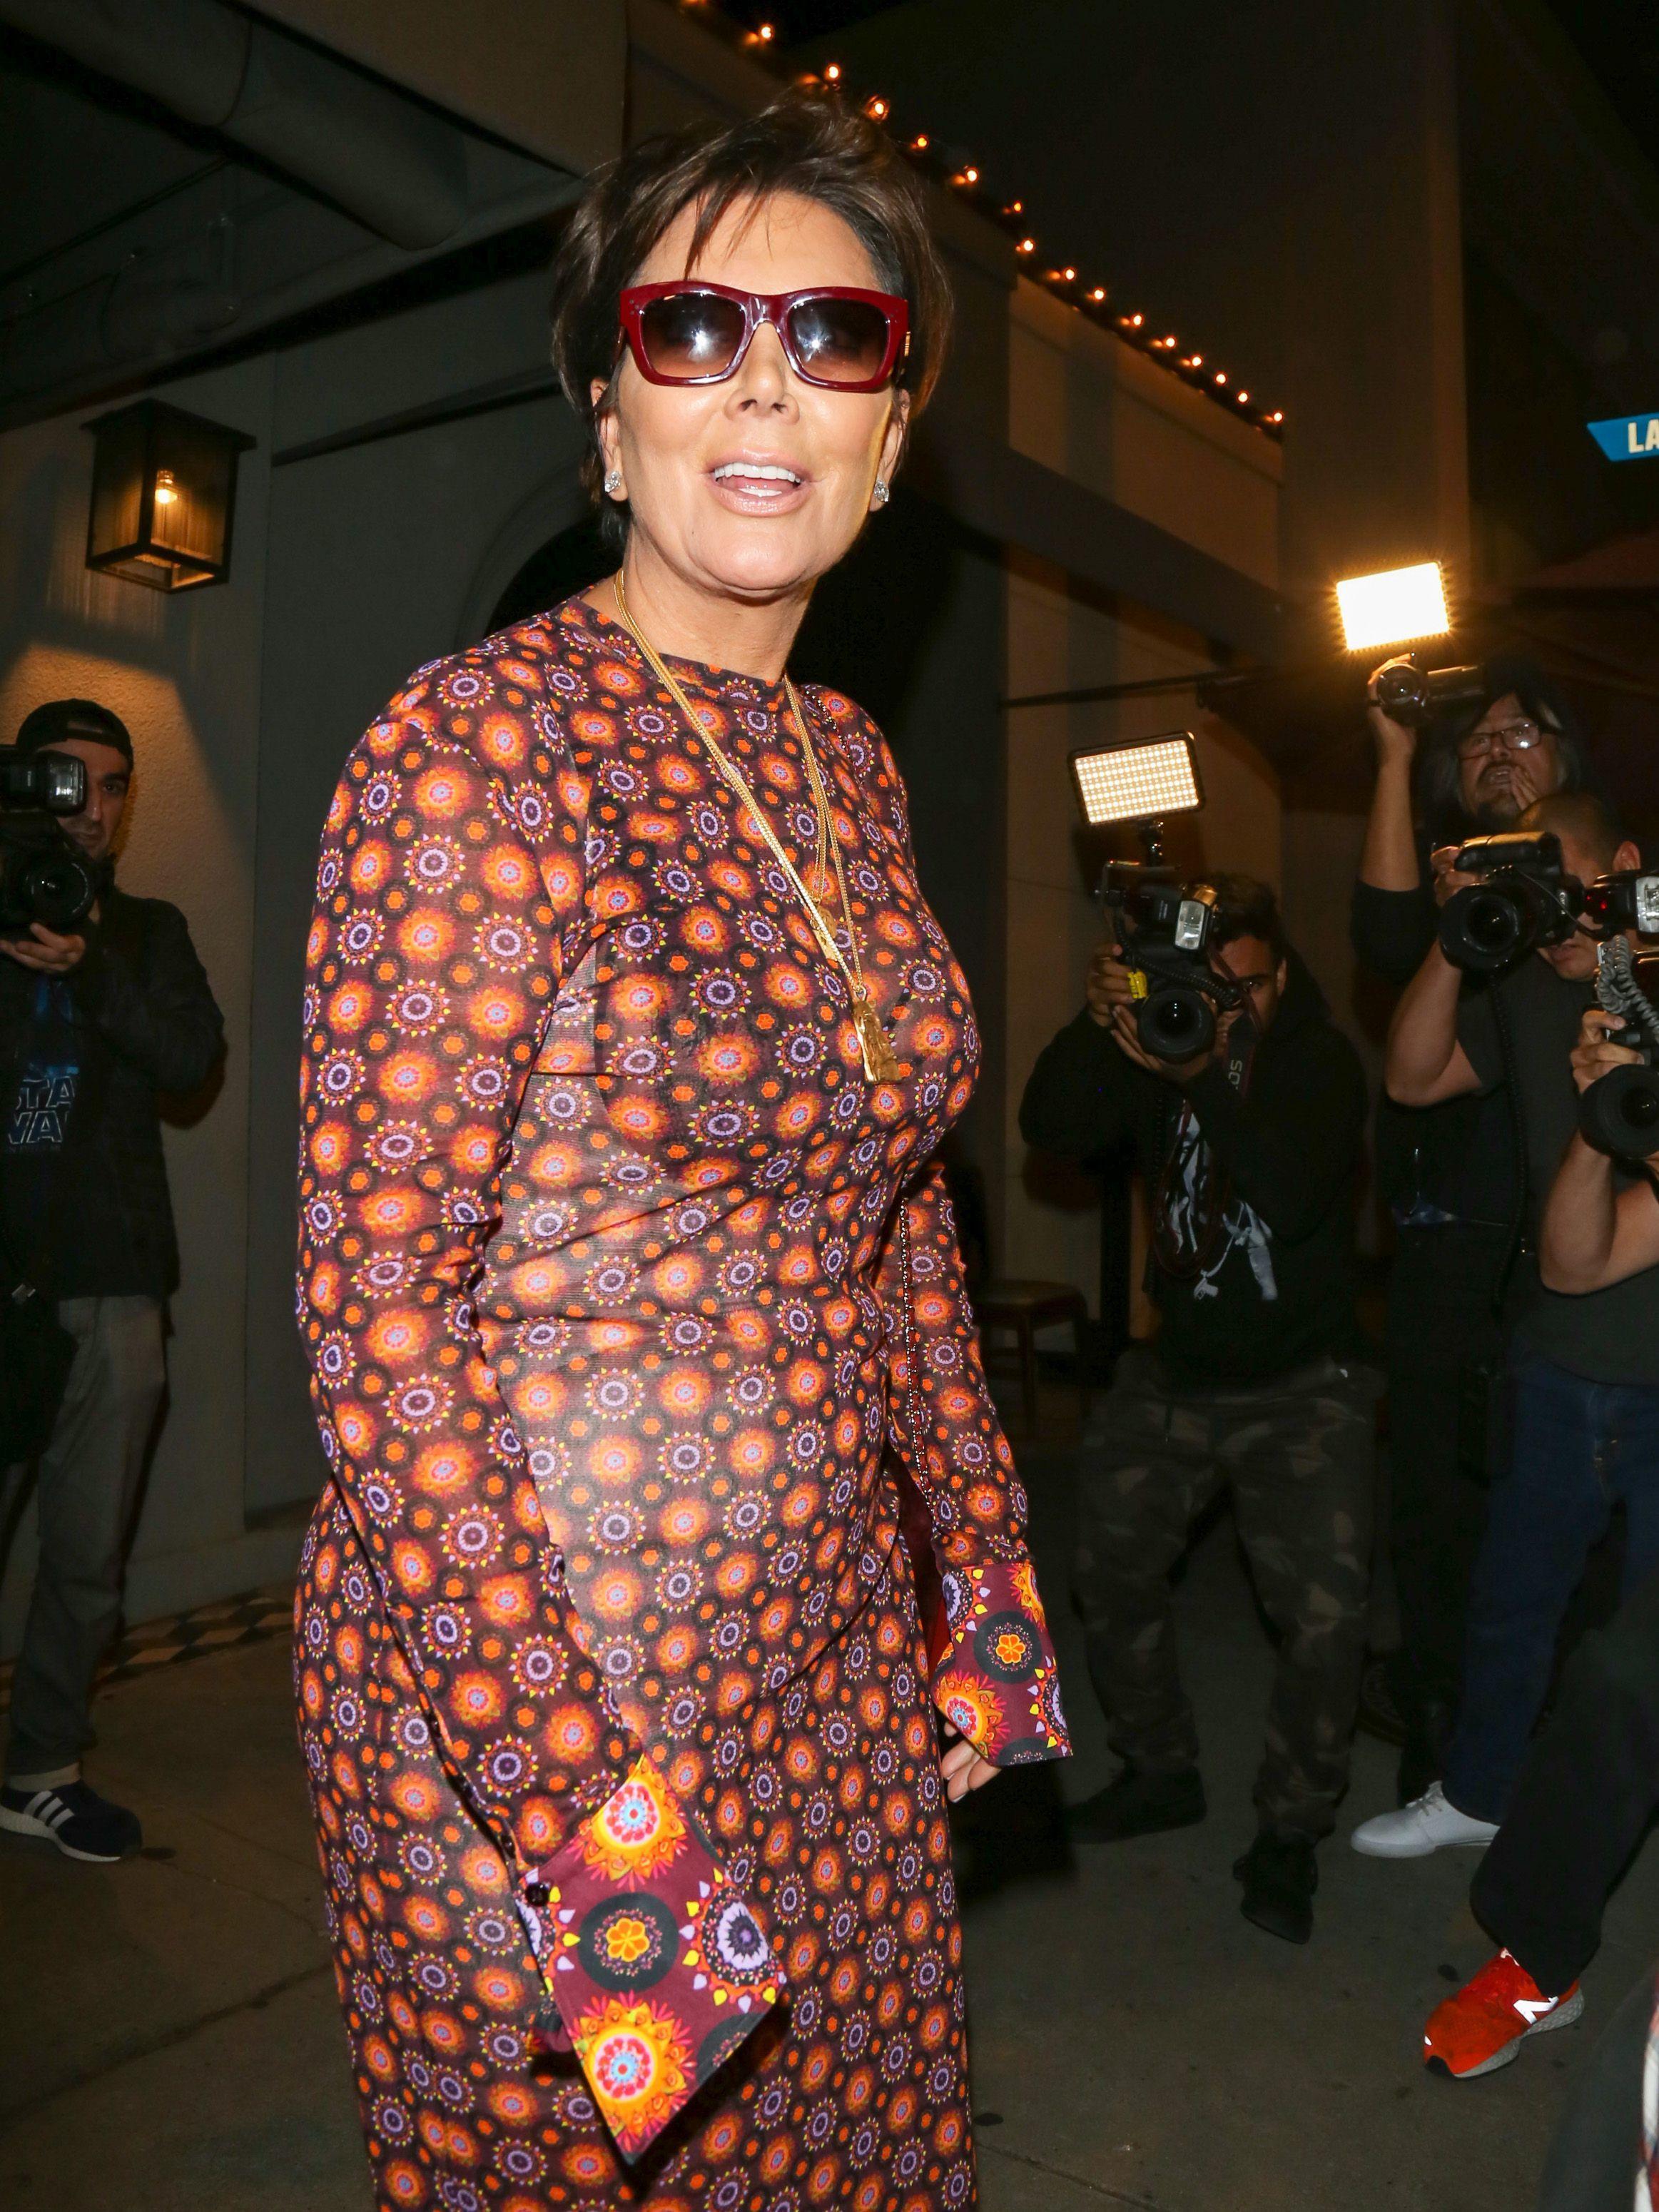 Kris Jenner is seen leaving Craigs restaurant in Los Angeles on June 27, 2017.